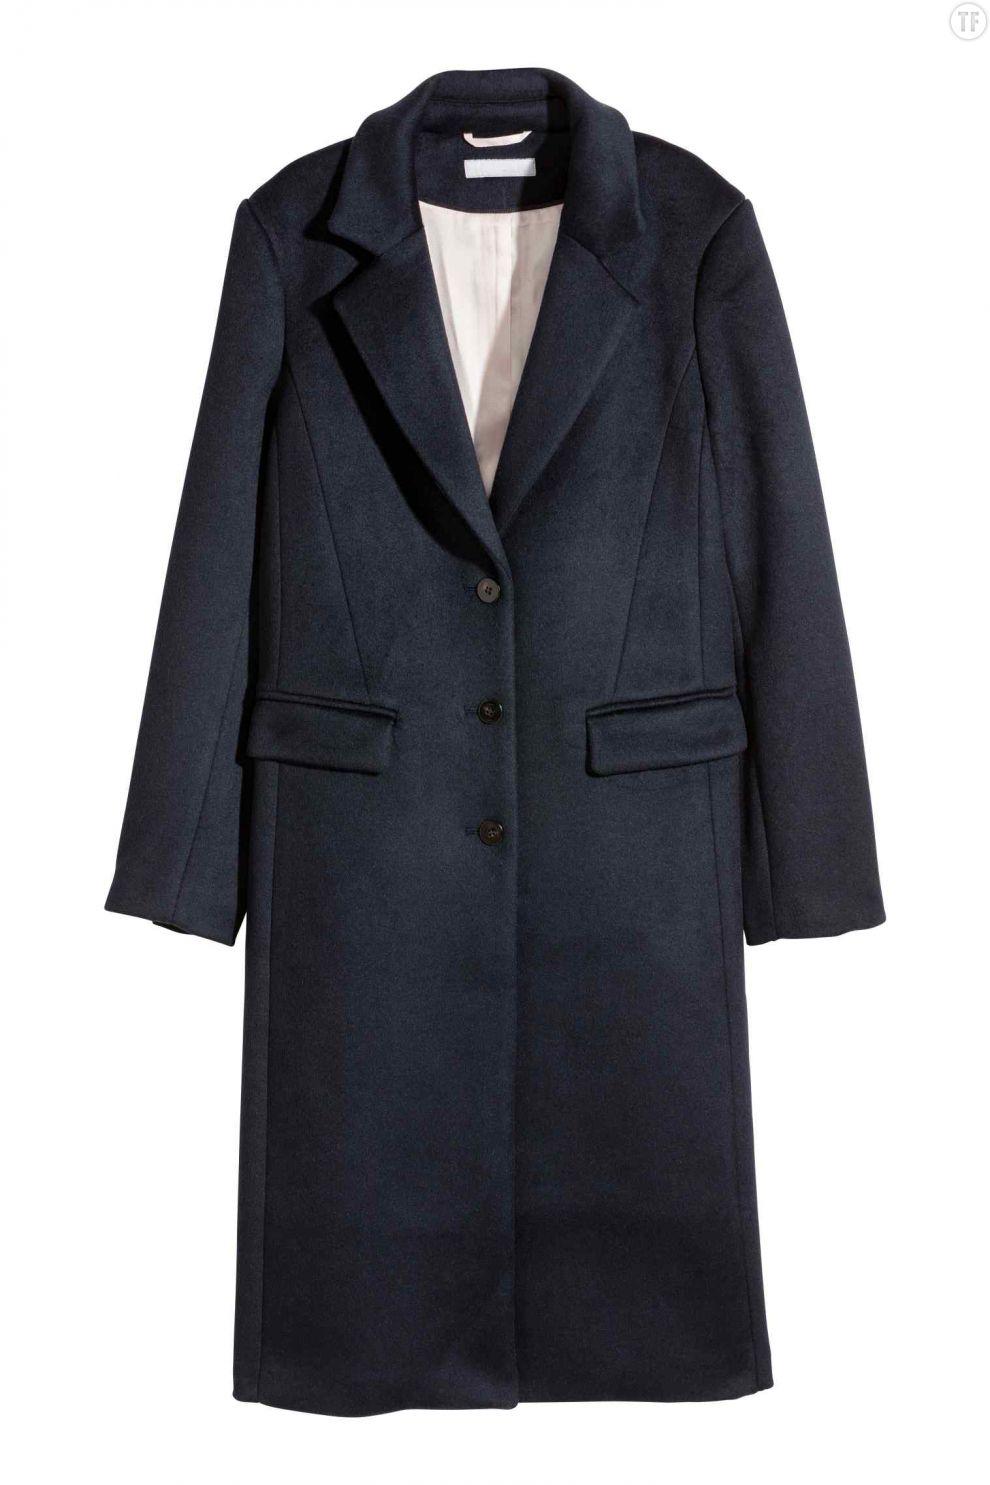 Manteau d'homme bleu marine H&M, 99€